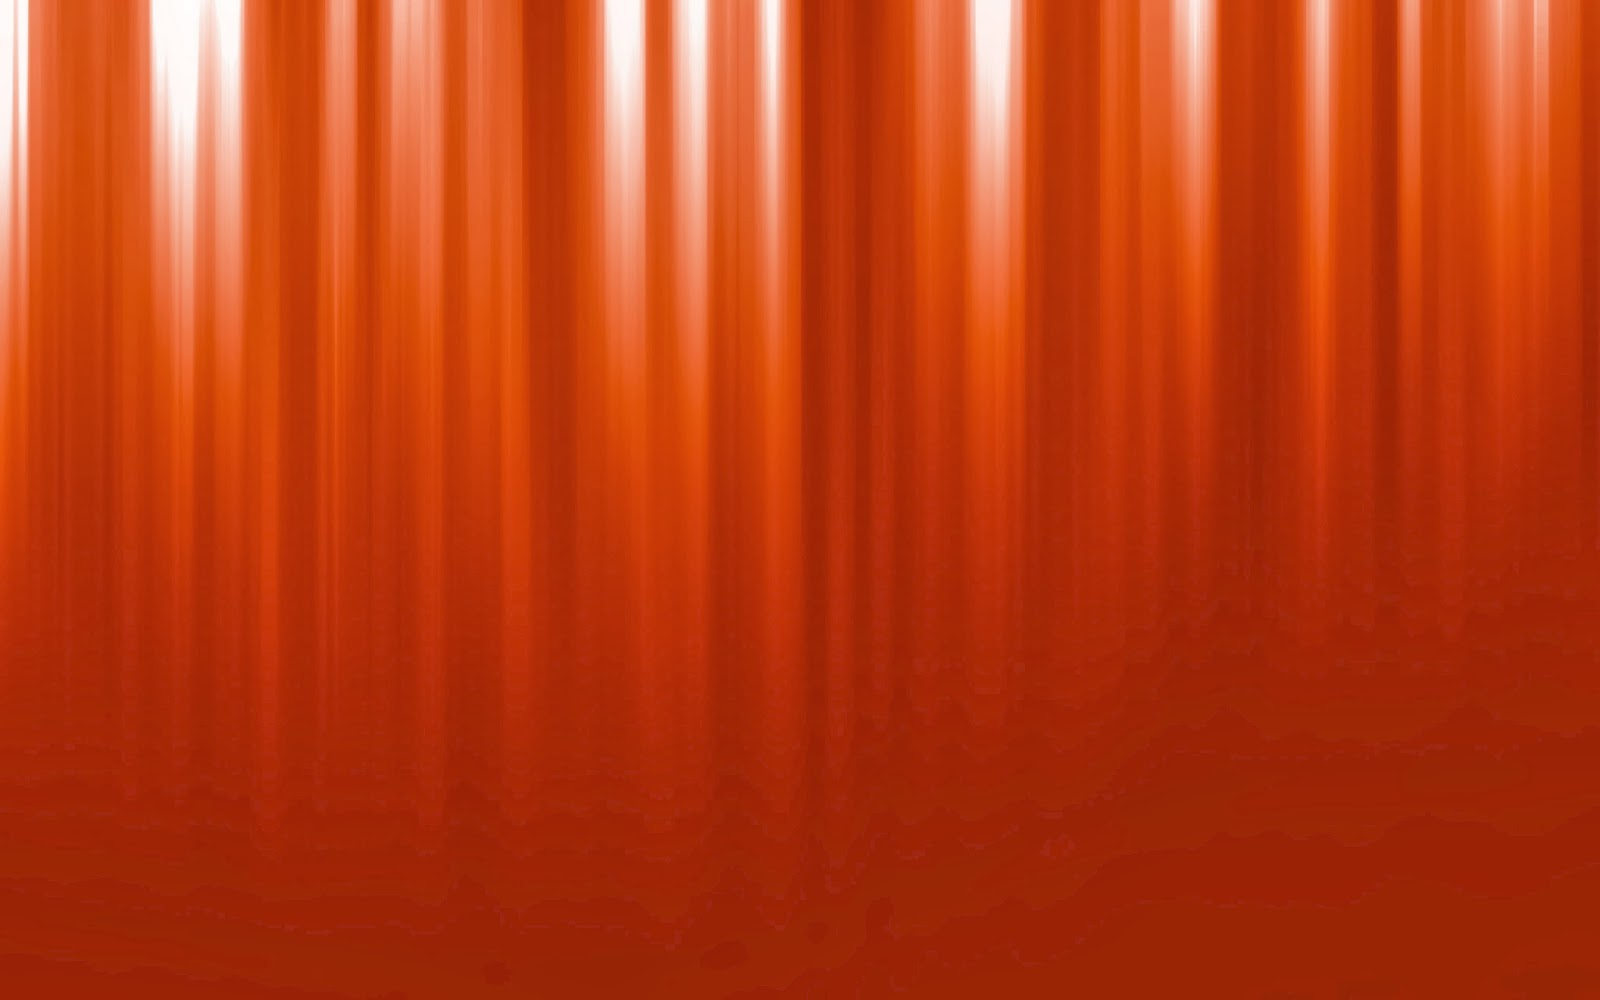 خلفيات ملونة للتصميم بدقة عالية فوتوشوب العرب